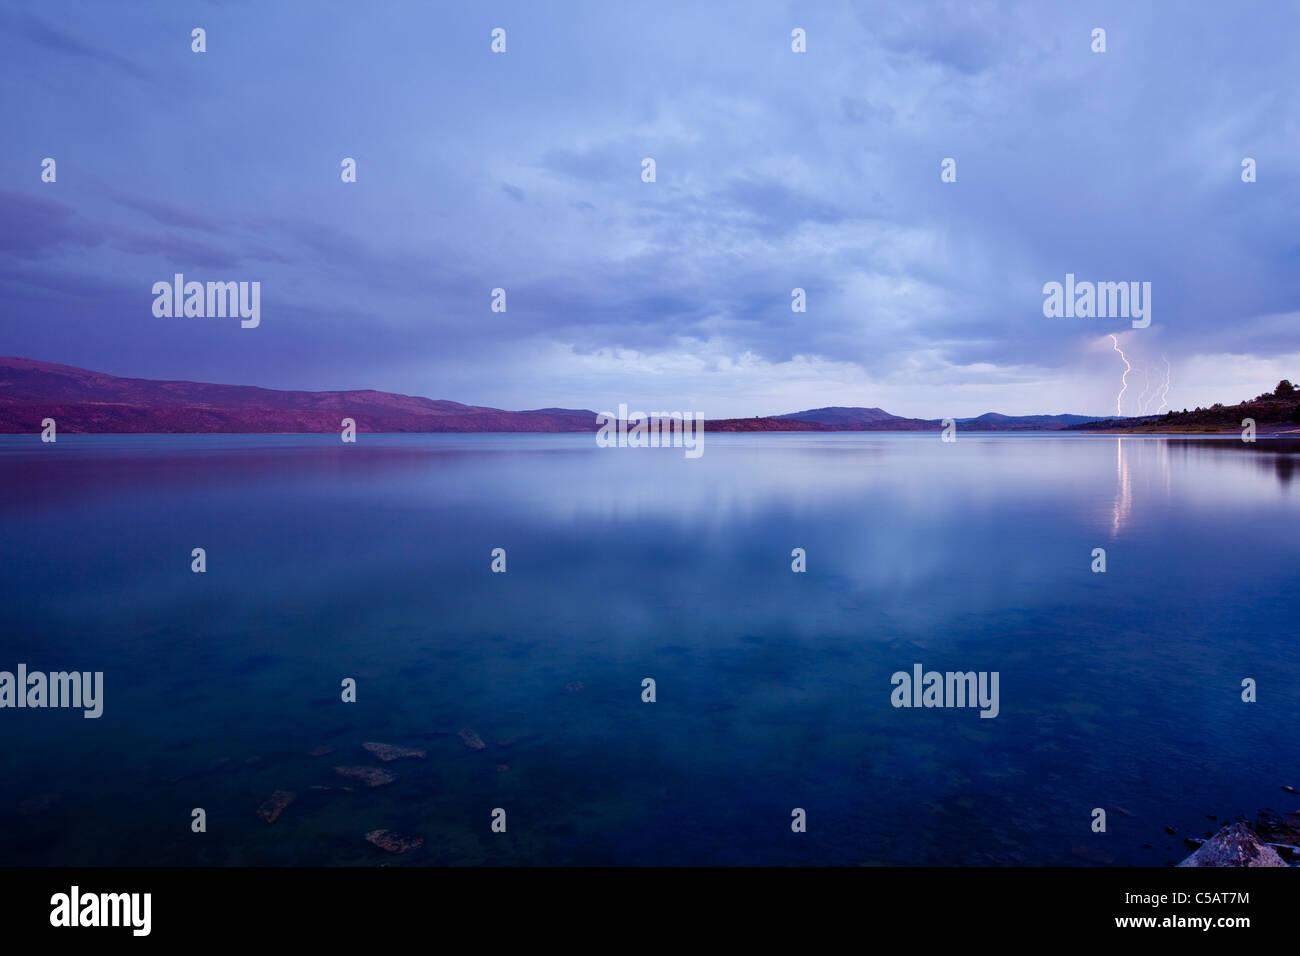 Colpo di fulmine sul lago al tramonto. Immagini Stock